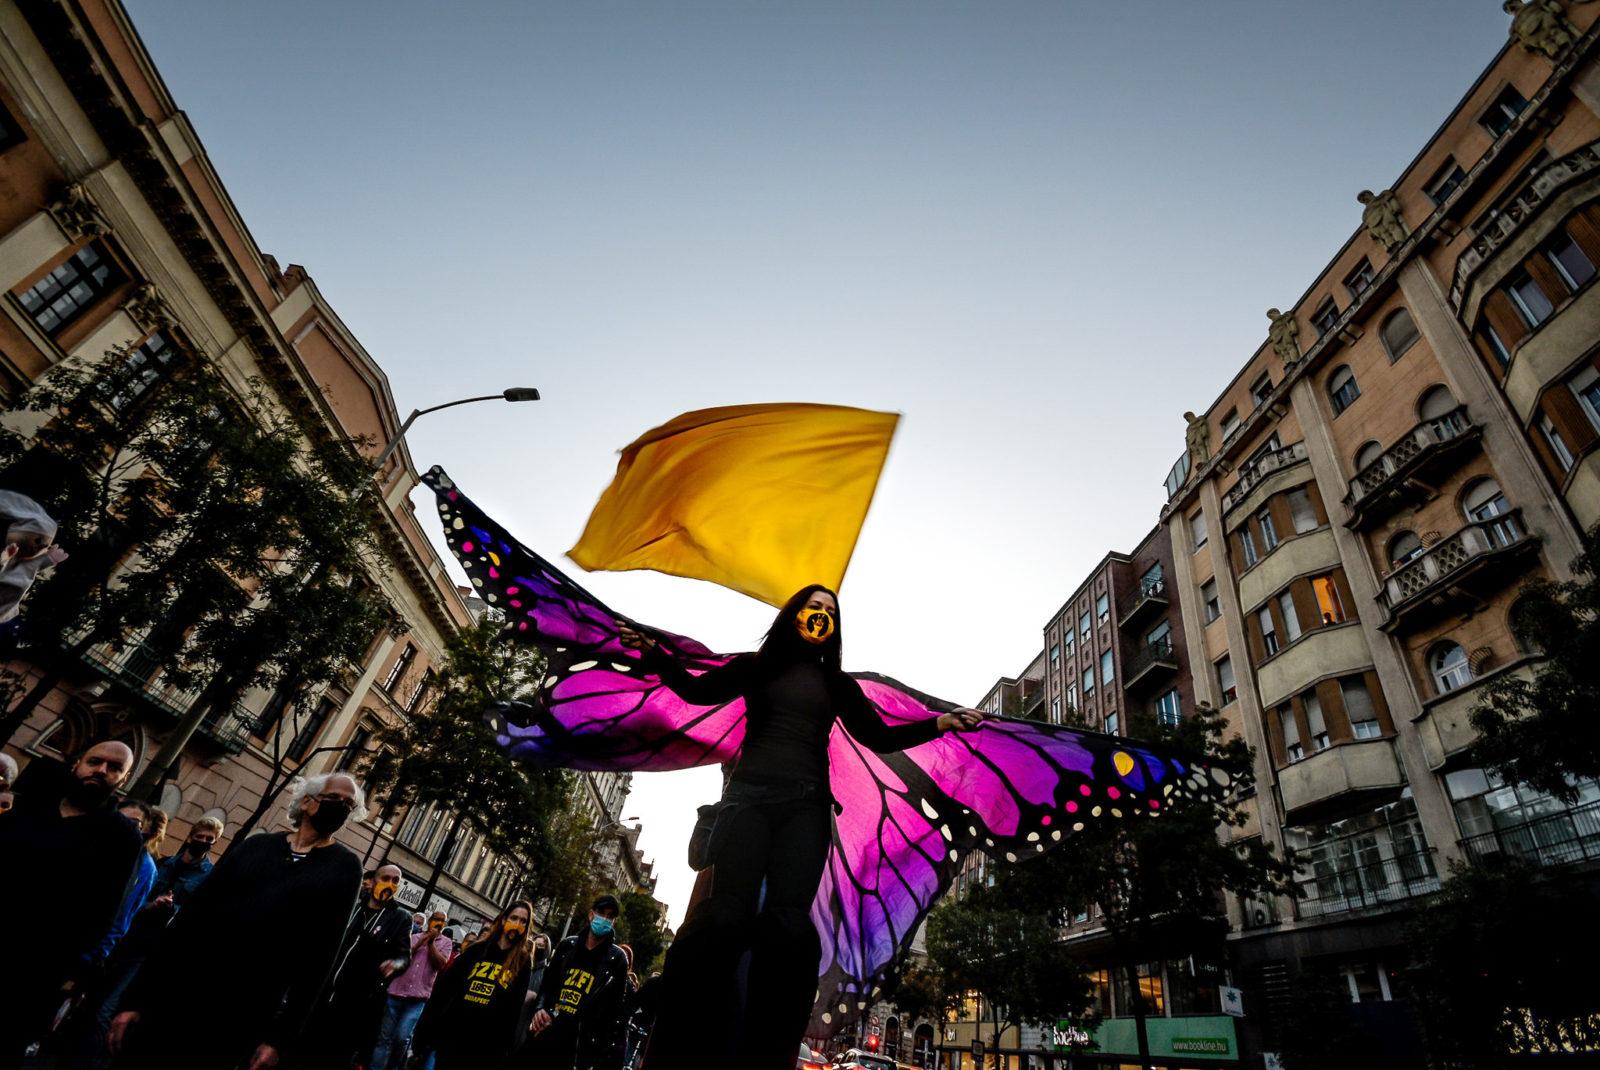 """""""Kulturált és kreatív ellenállás"""" – Beszélgetés a hétvégi, karneváli tüntetés szervezőjével"""